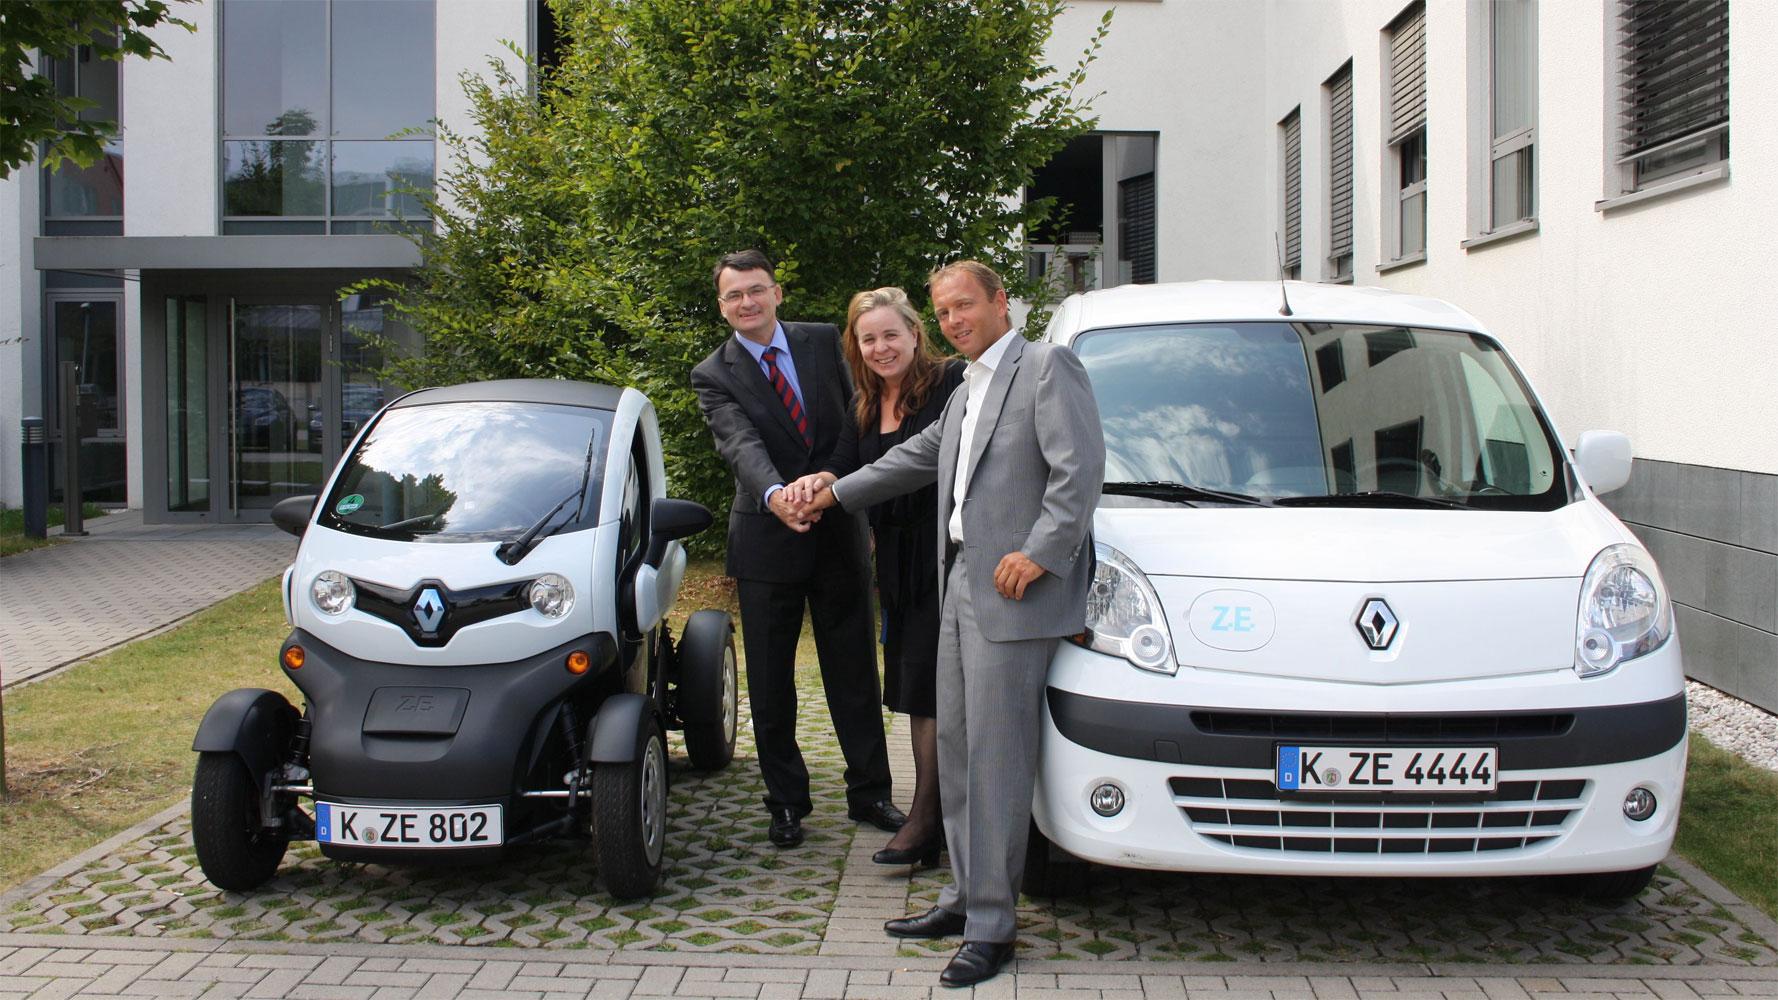 Elektroauto Leasing: Renault kooperiert mit Athlon